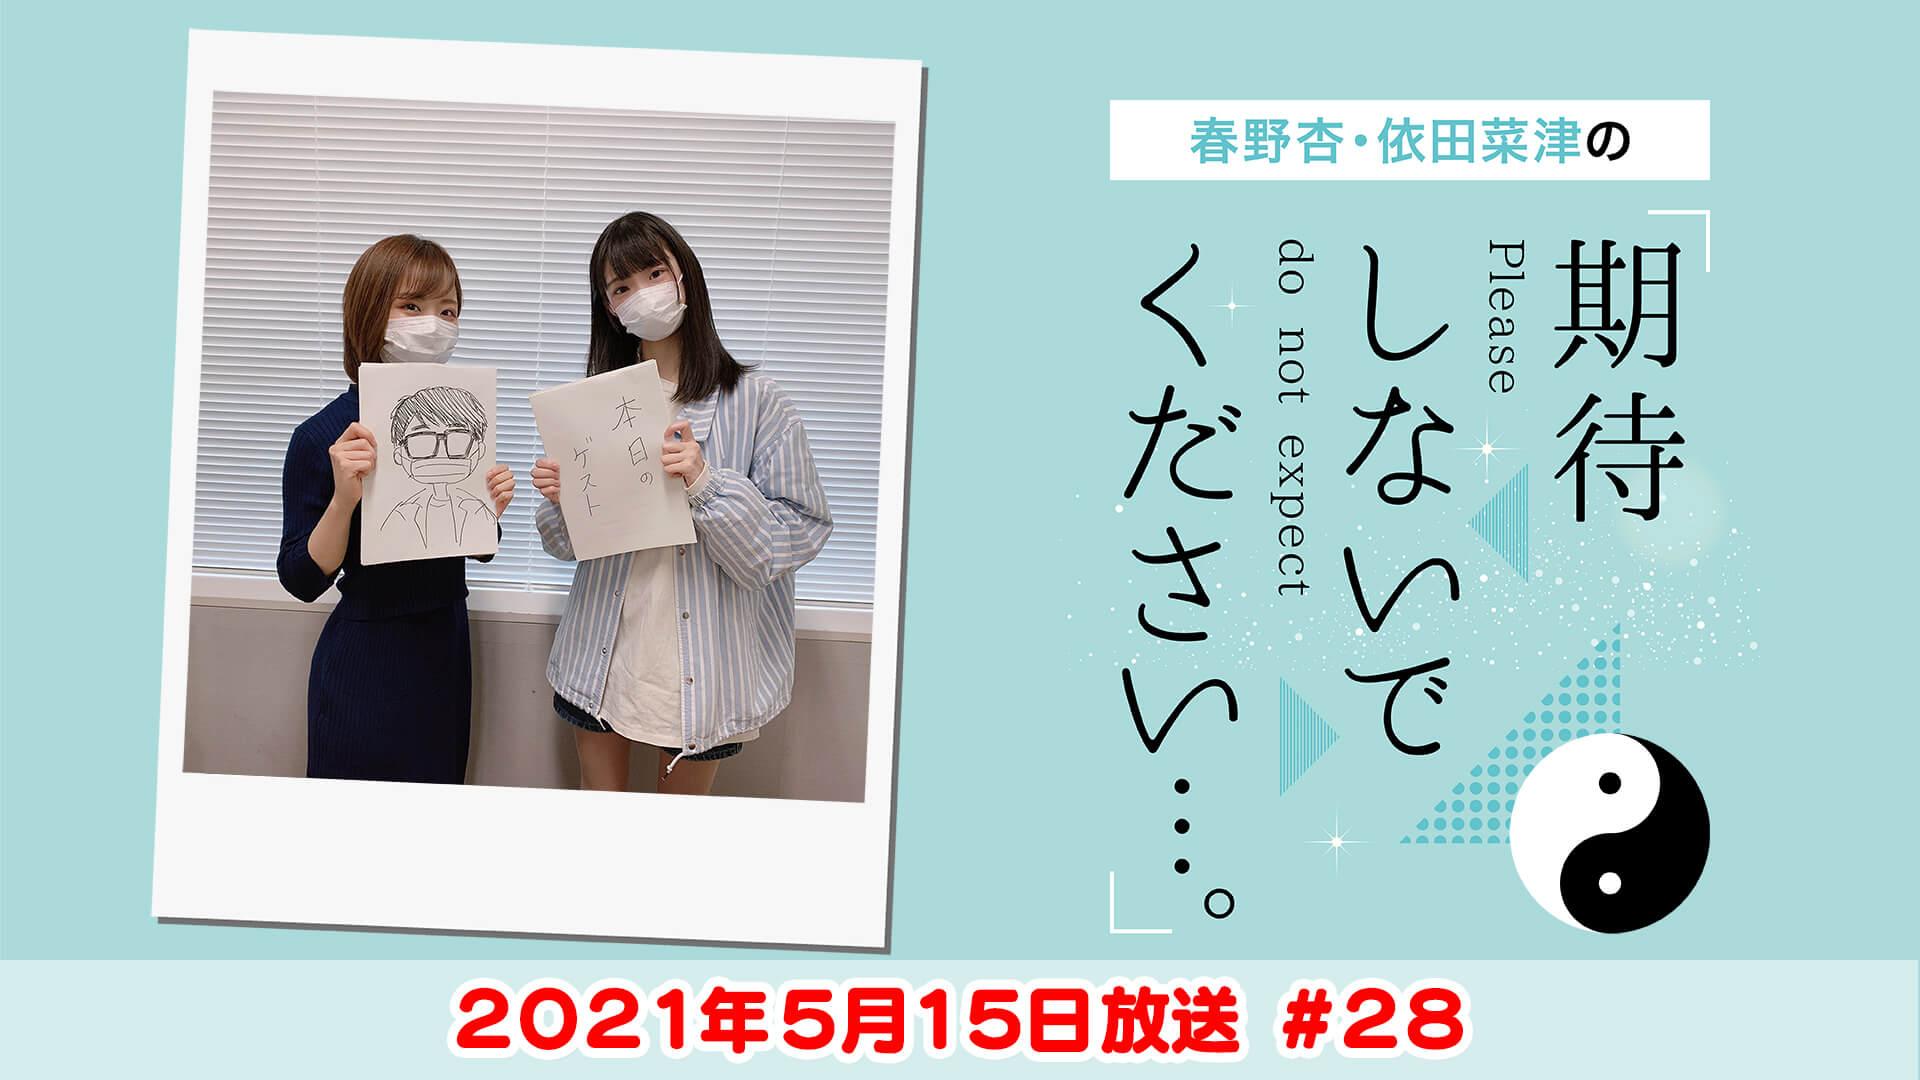 春野杏・依田菜津の「期待しないでください…。」#28 2021年5月15日放送